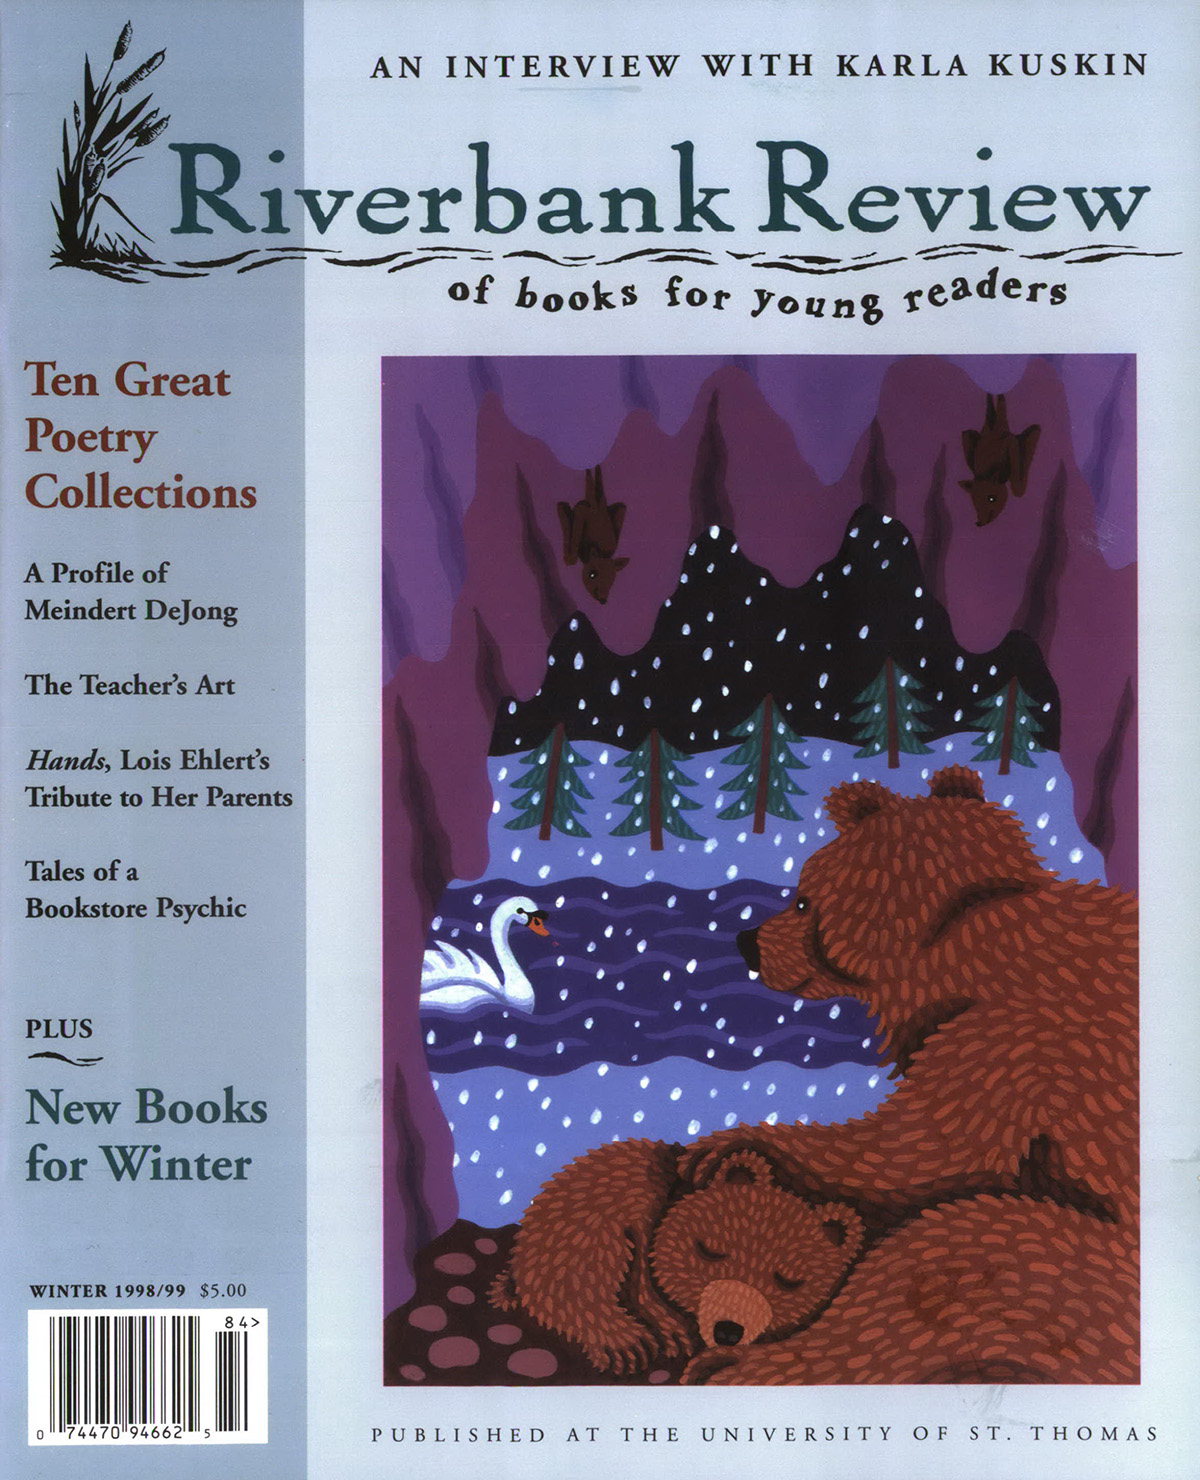 Winter 1998: Jeanette Winter cover